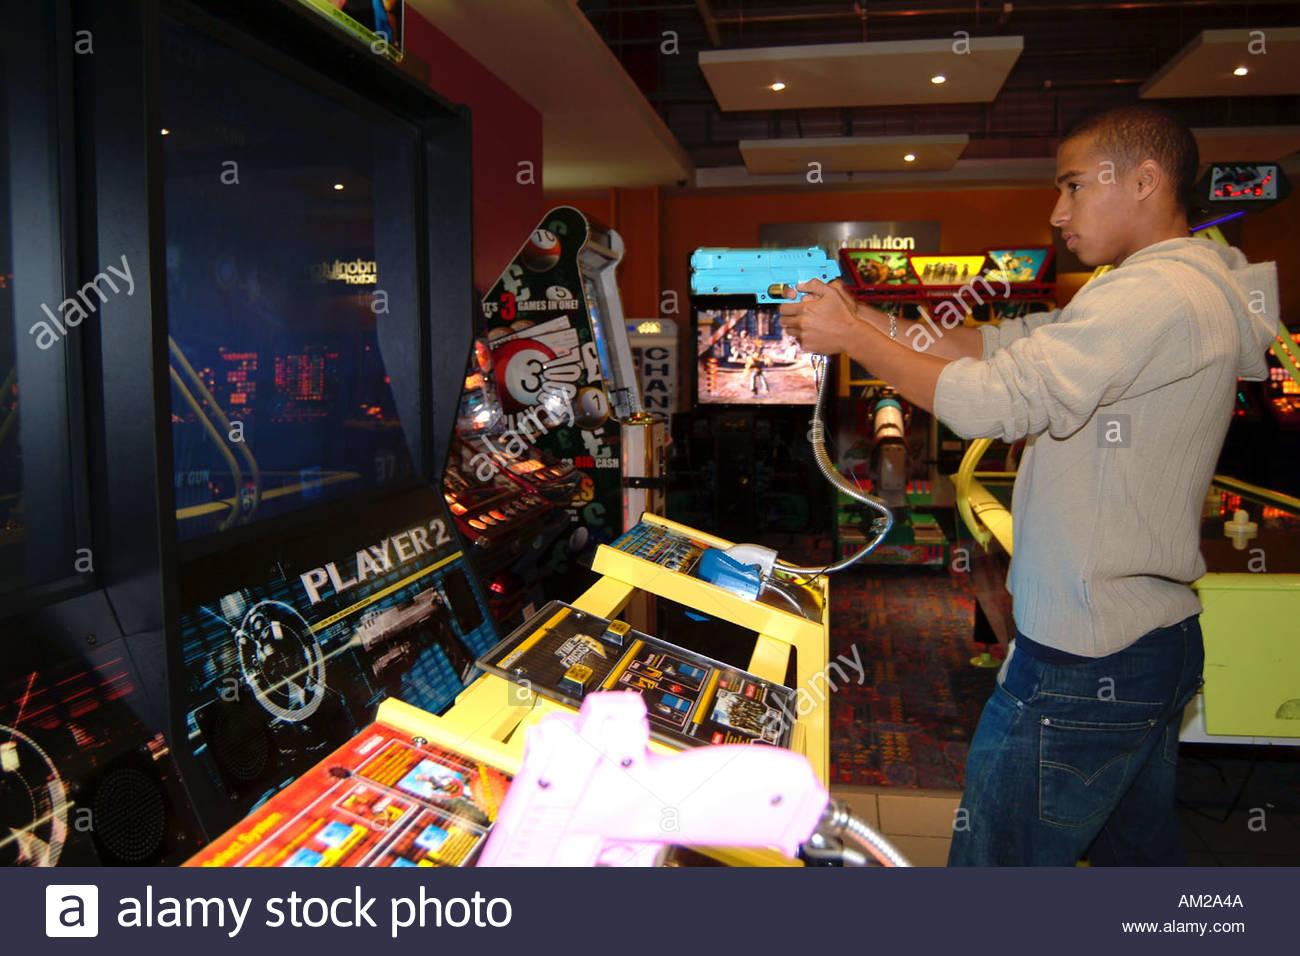 17 Ans Adolescent Jouer Jeu De Tir En Salle De Jeux Electroniques Uk Photo Stock Alamy